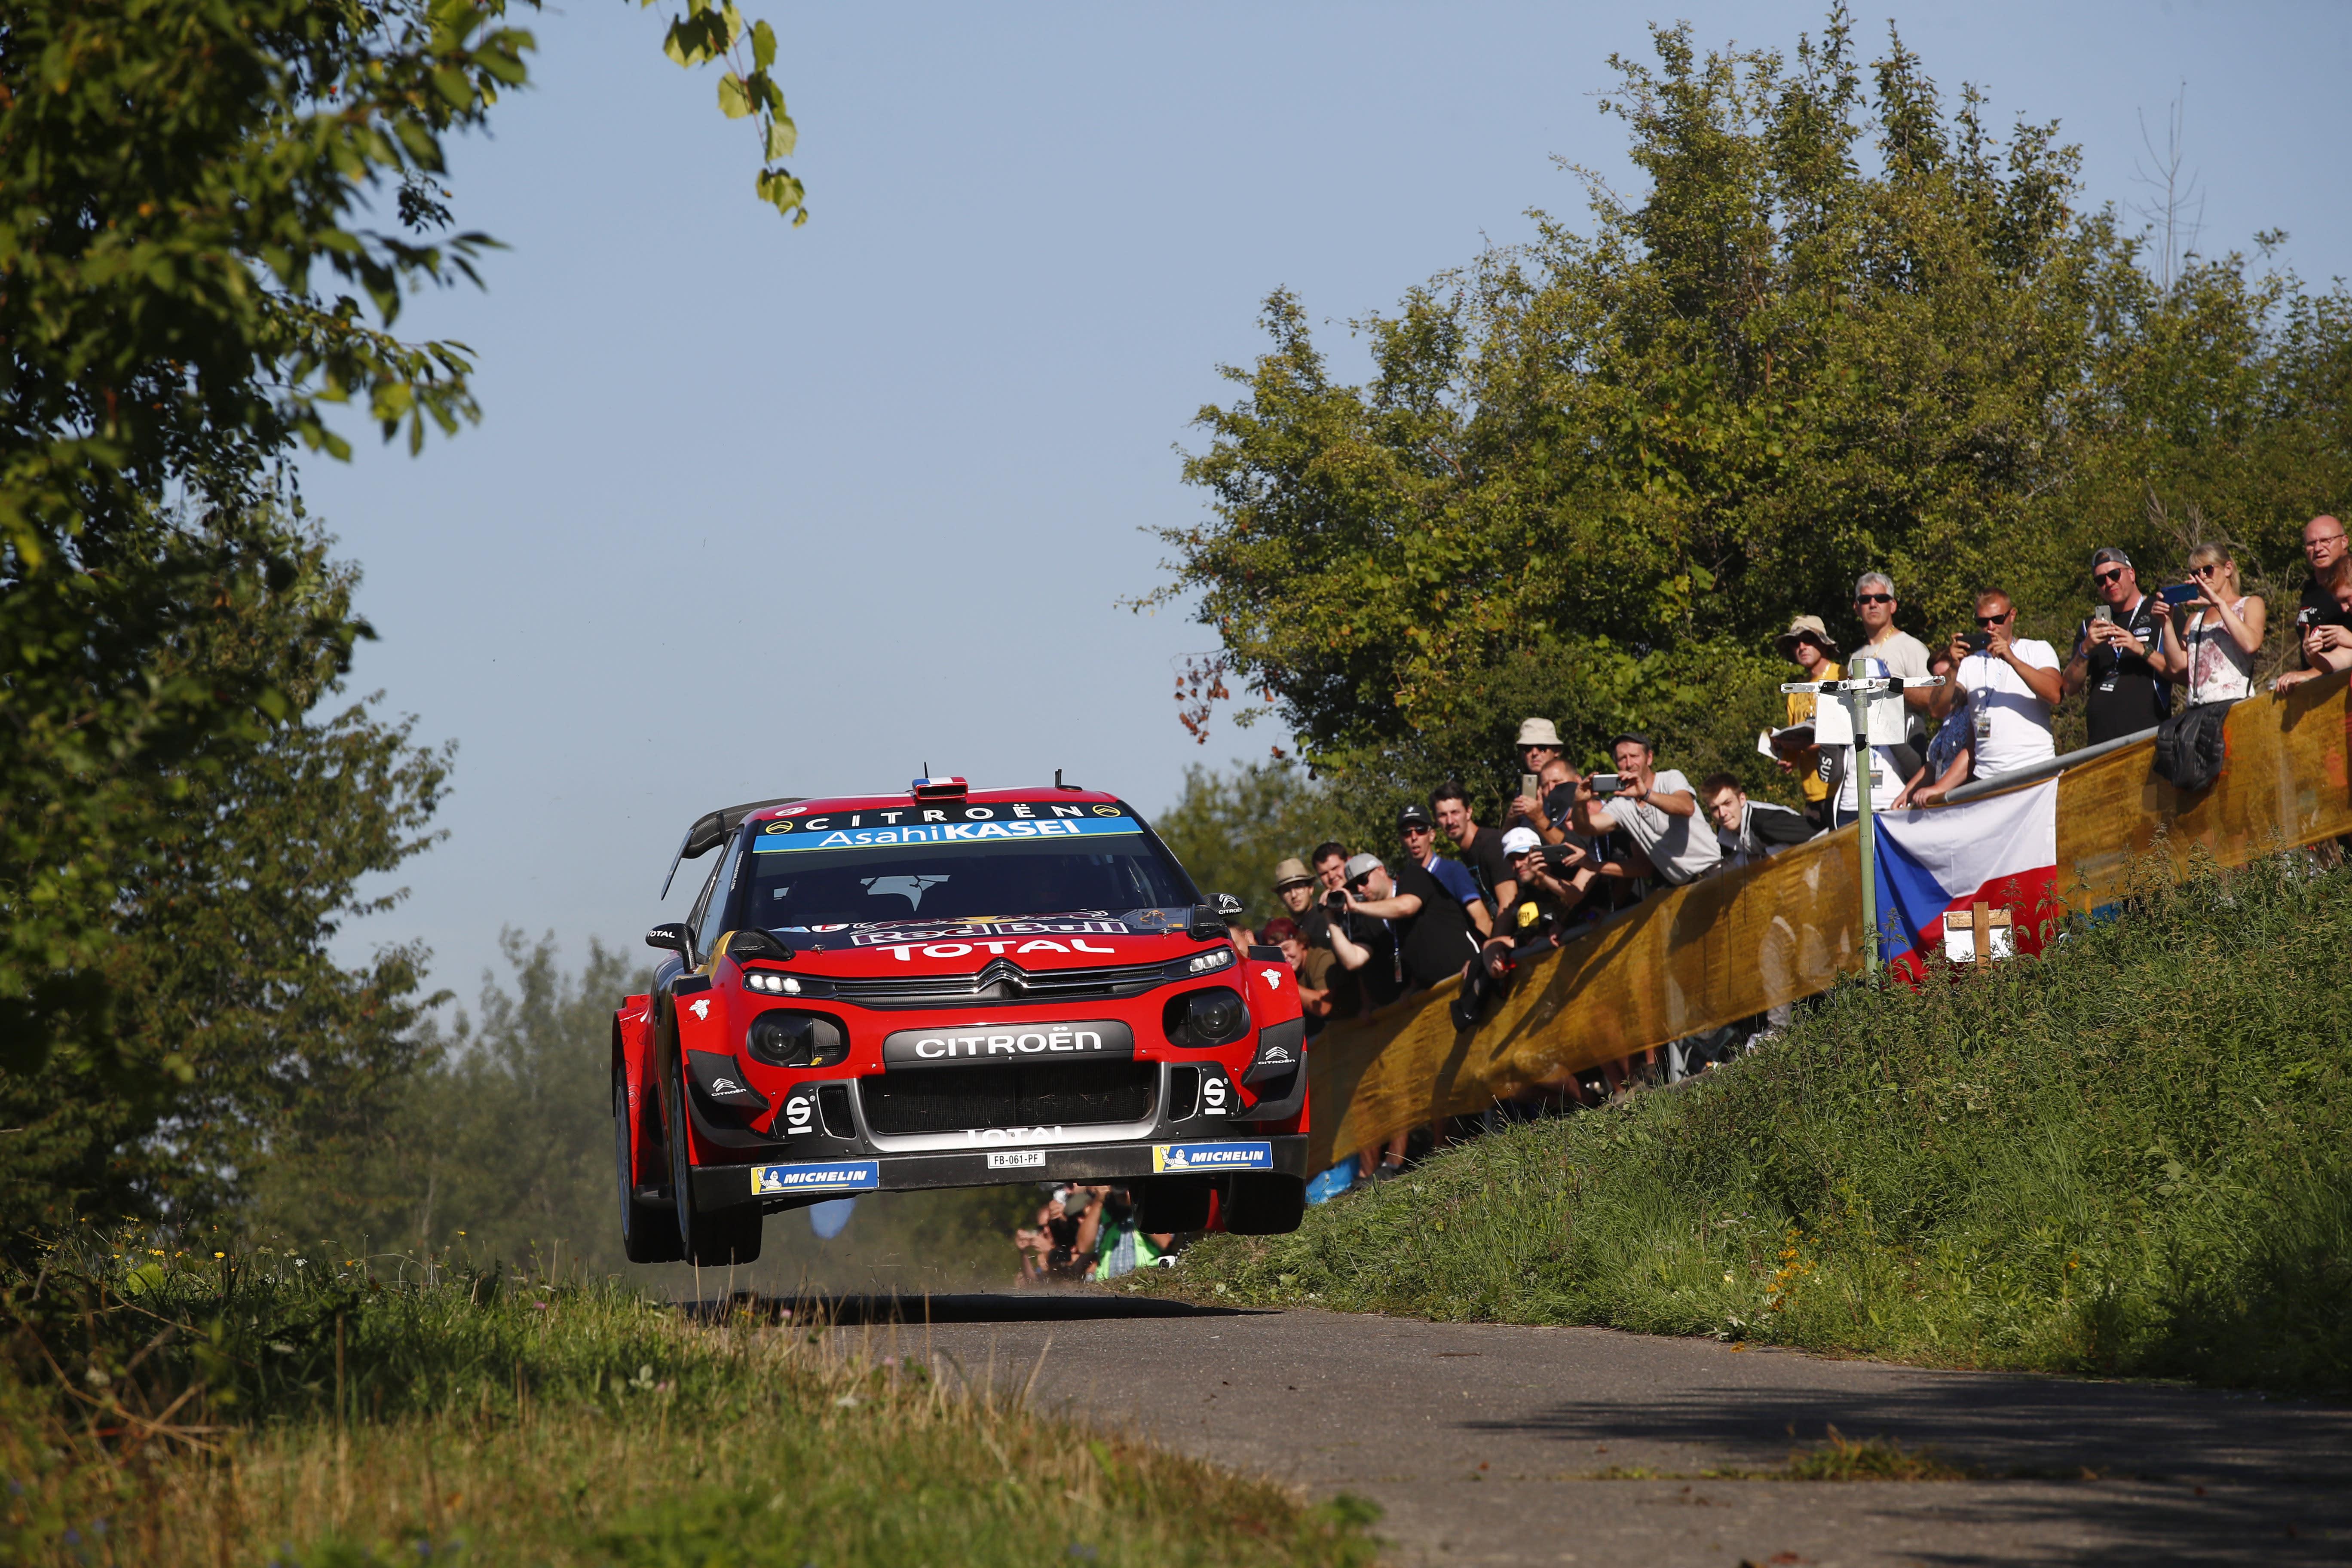 Vorfreude auf ADAC Rallye Deutschland 2020 steigt